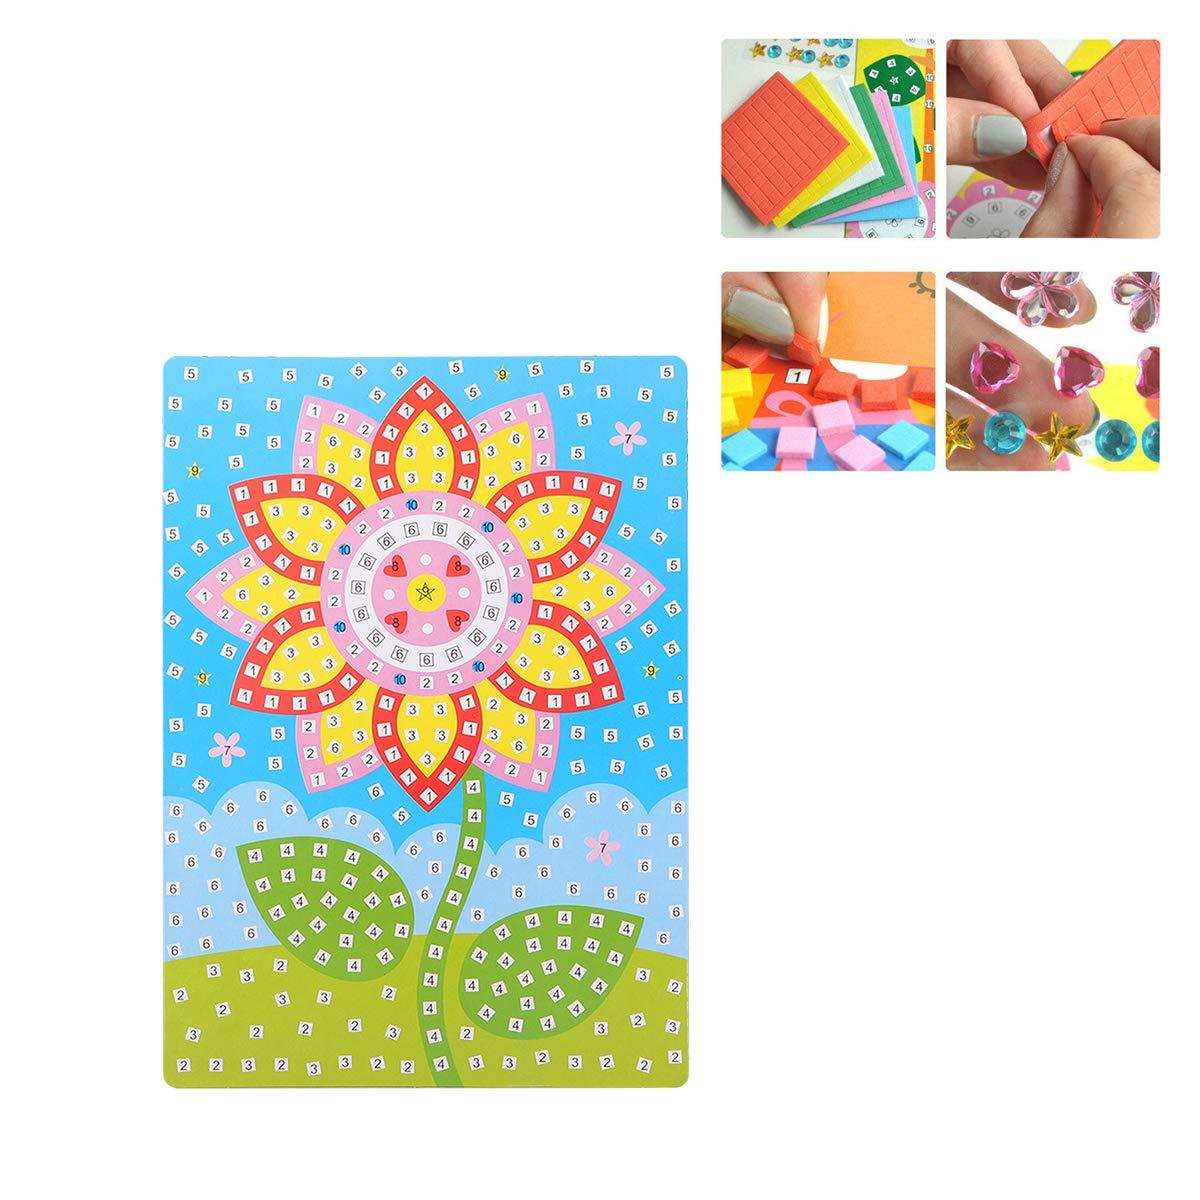 fiore SUPVOX Adesivo mosaico arte appiccicoso fai da te kit artistici fatti a mano per bambini 3d fai da te pinup picture crafting supplies for kindergarten